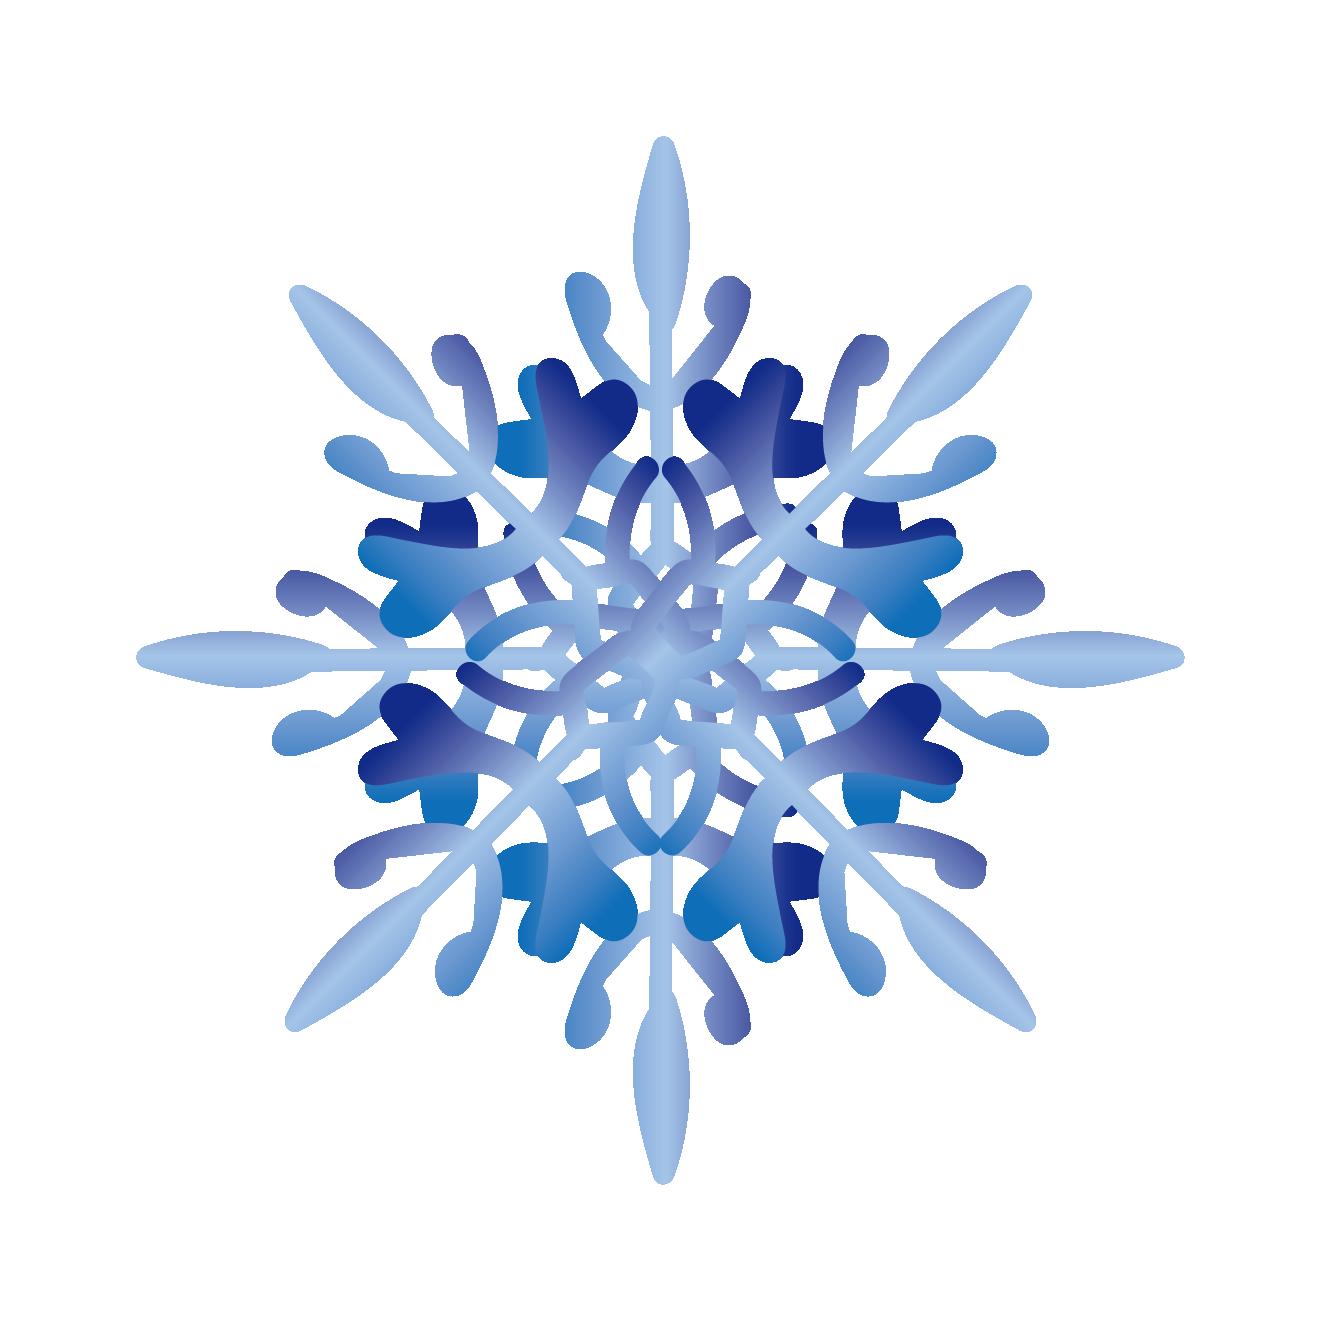 冬!ゴージャスな雪の結晶イラスト! | 商用フリー(無料)のイラスト